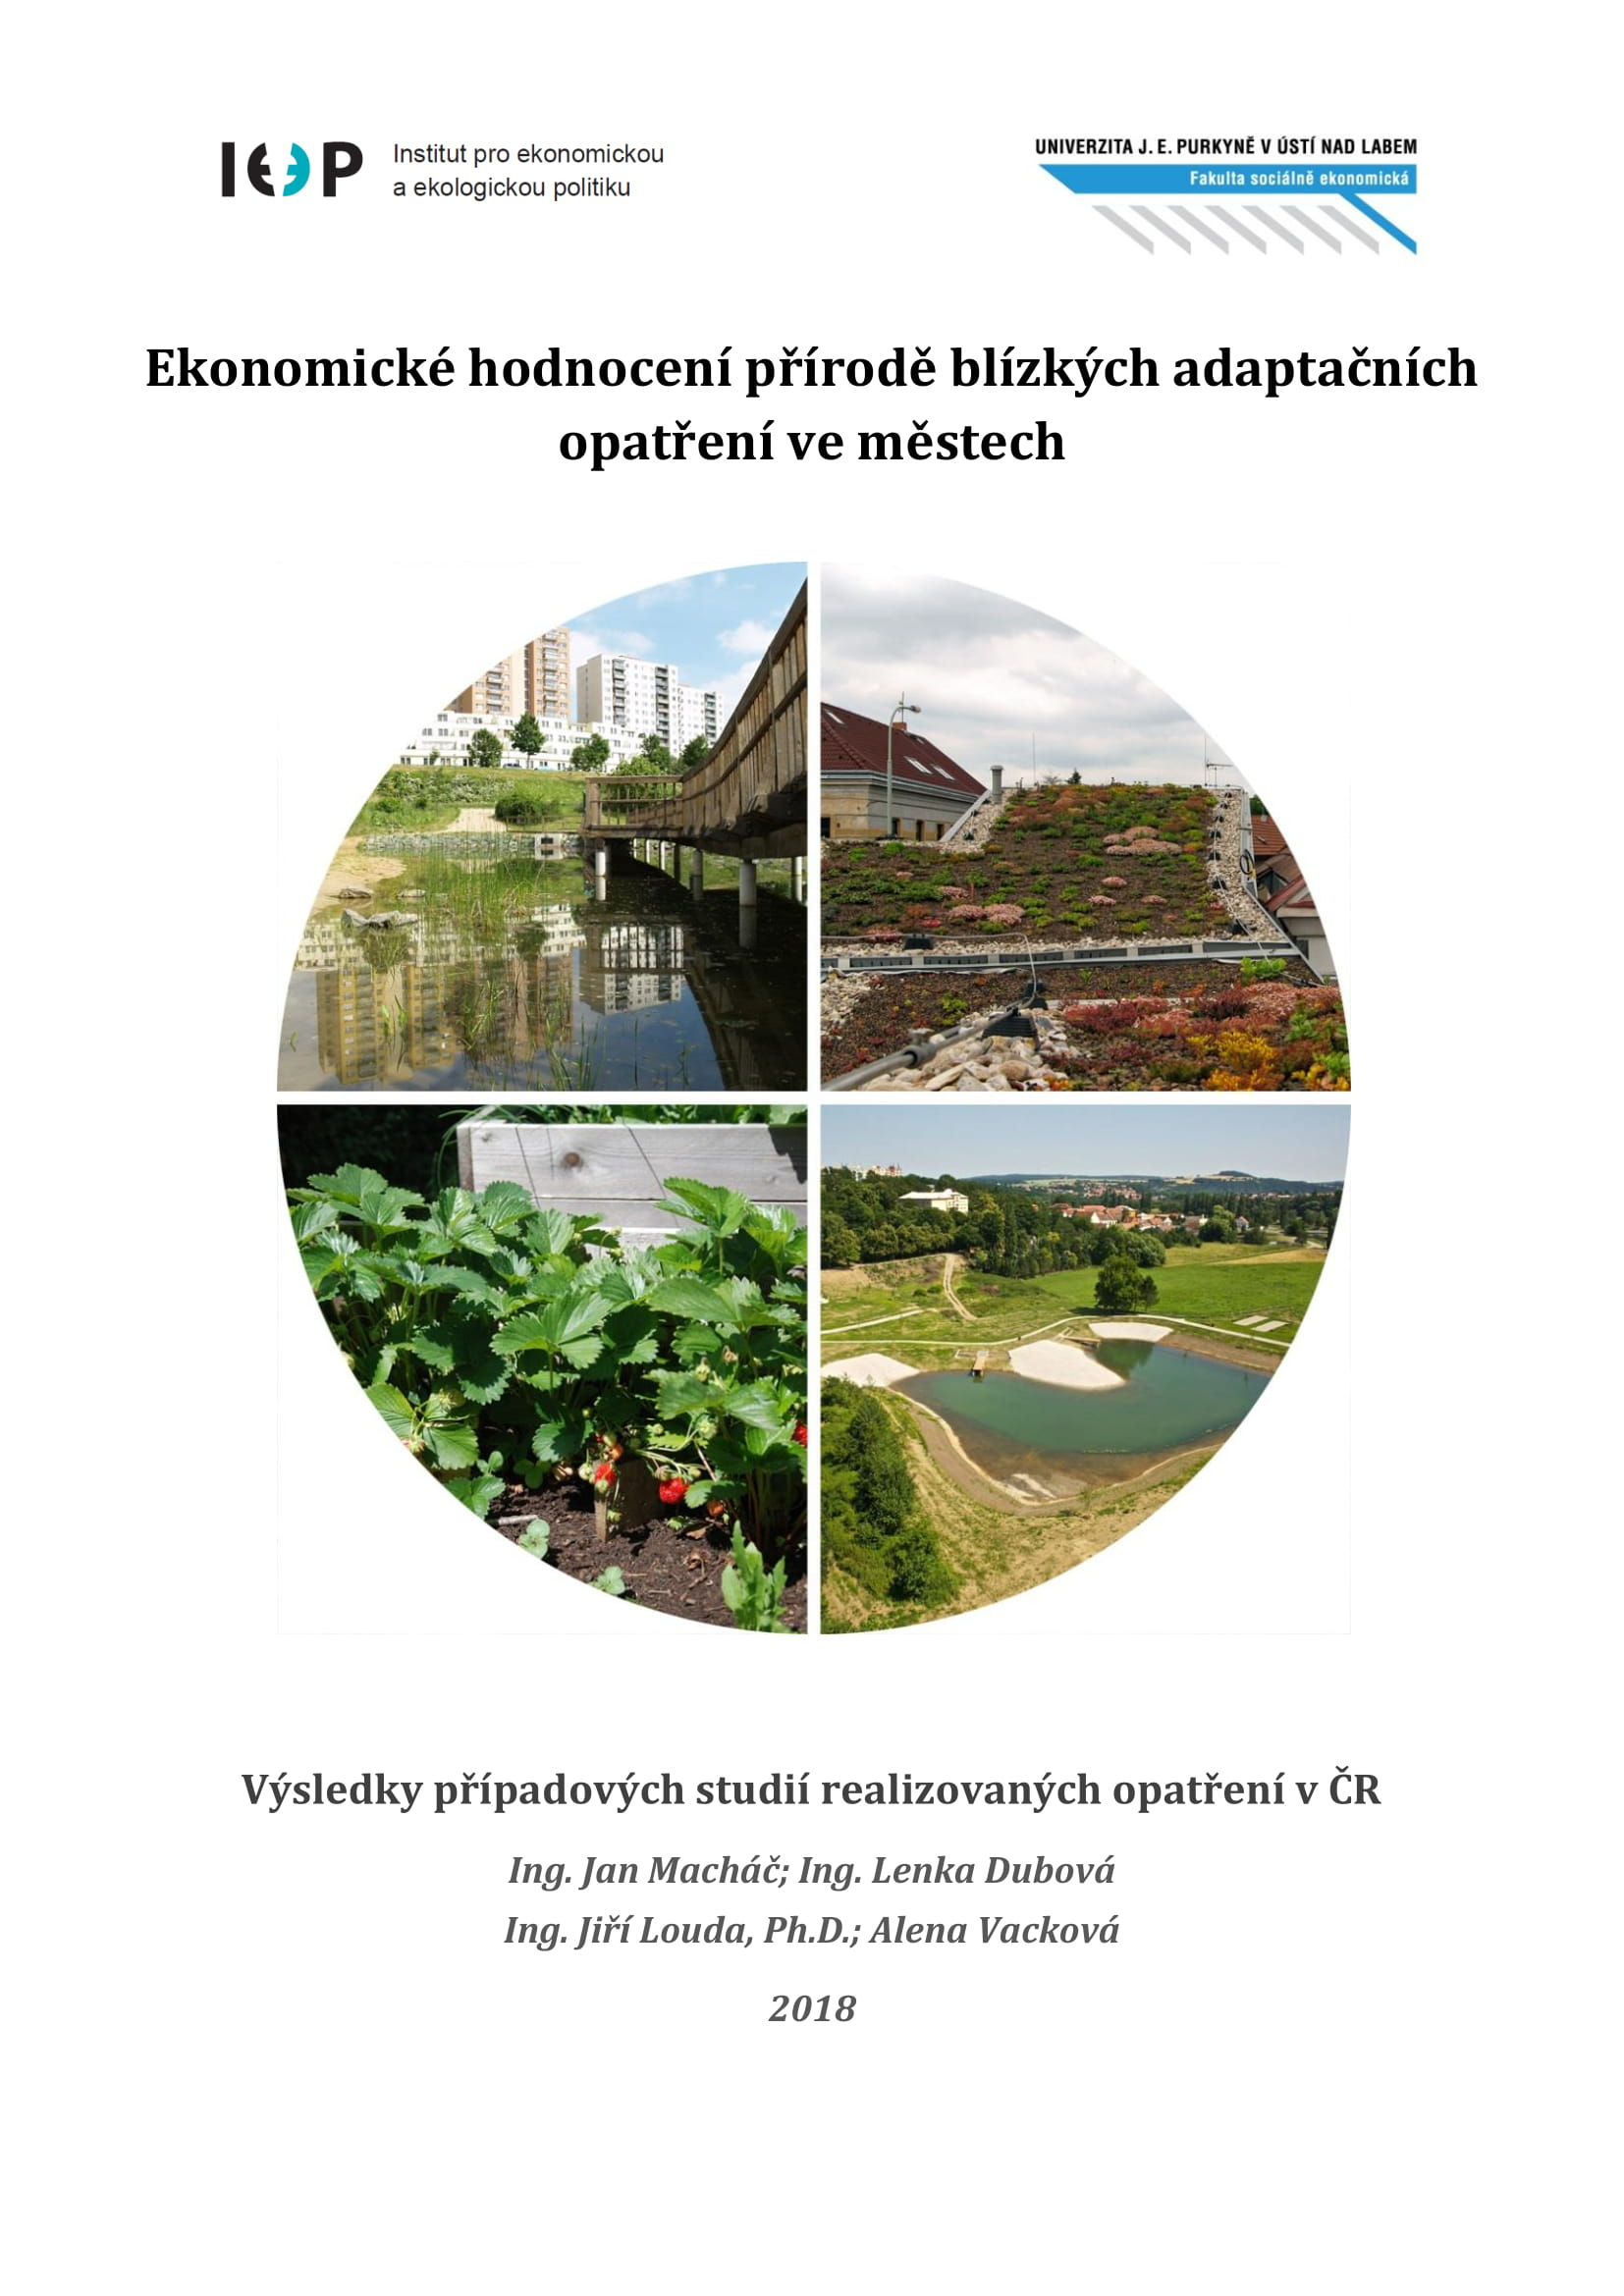 Ekonomické hodnocení přírodě blízkých adaptačních opatření ve městech: Výsledky případových studií realizovaných opatření v ČR thumbnail